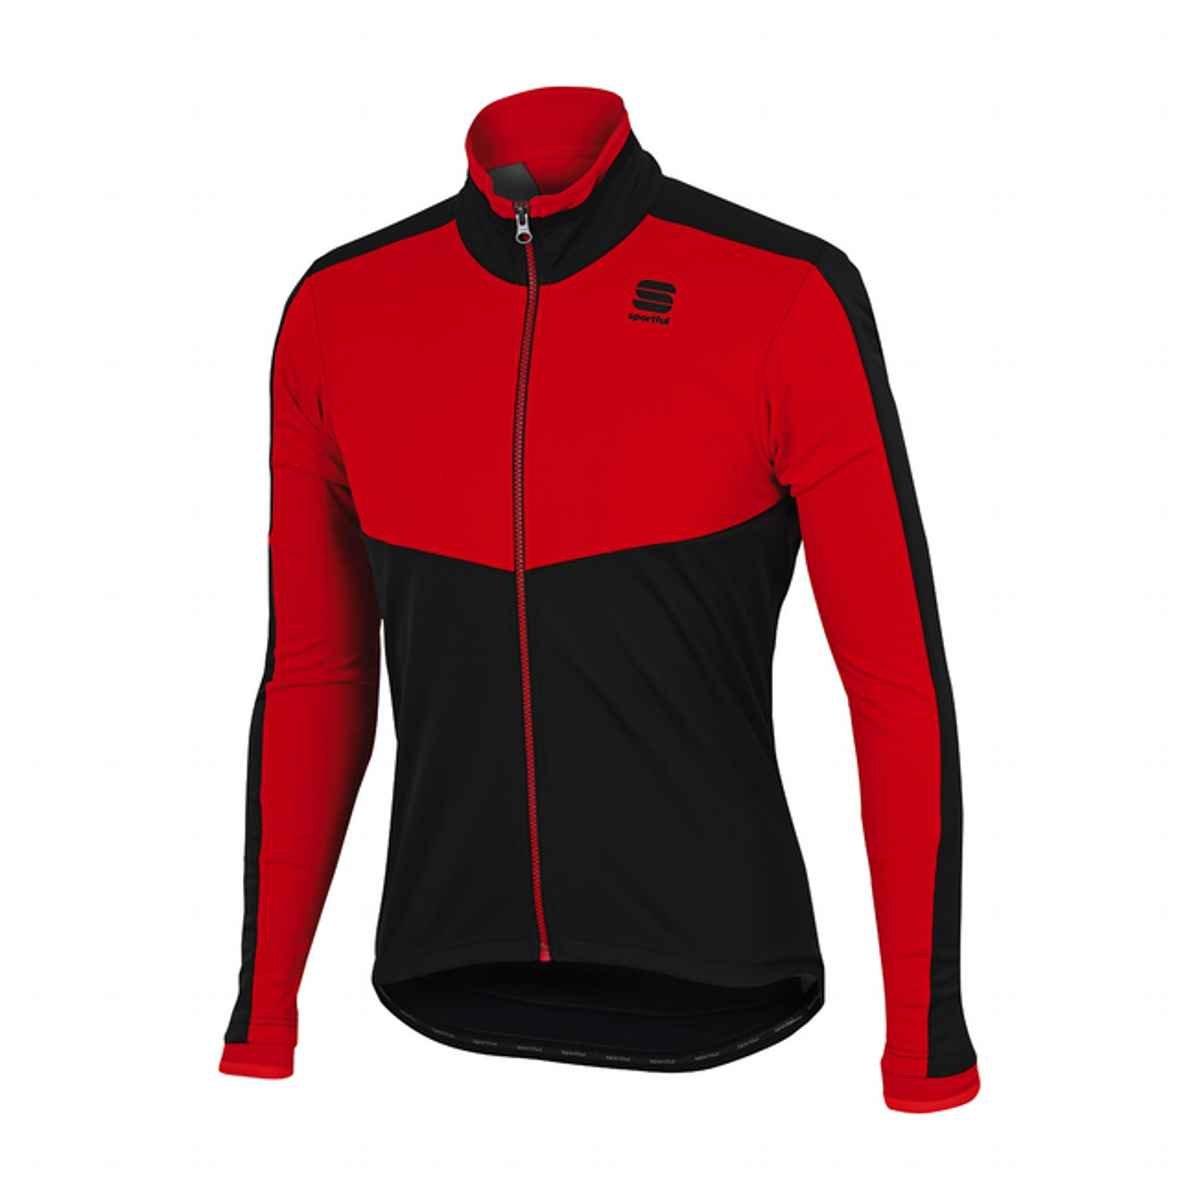 SportfulメンズPordoi WSサイクリングジャケット – b1101818 Large レッド/ブラック B073HS5XP8